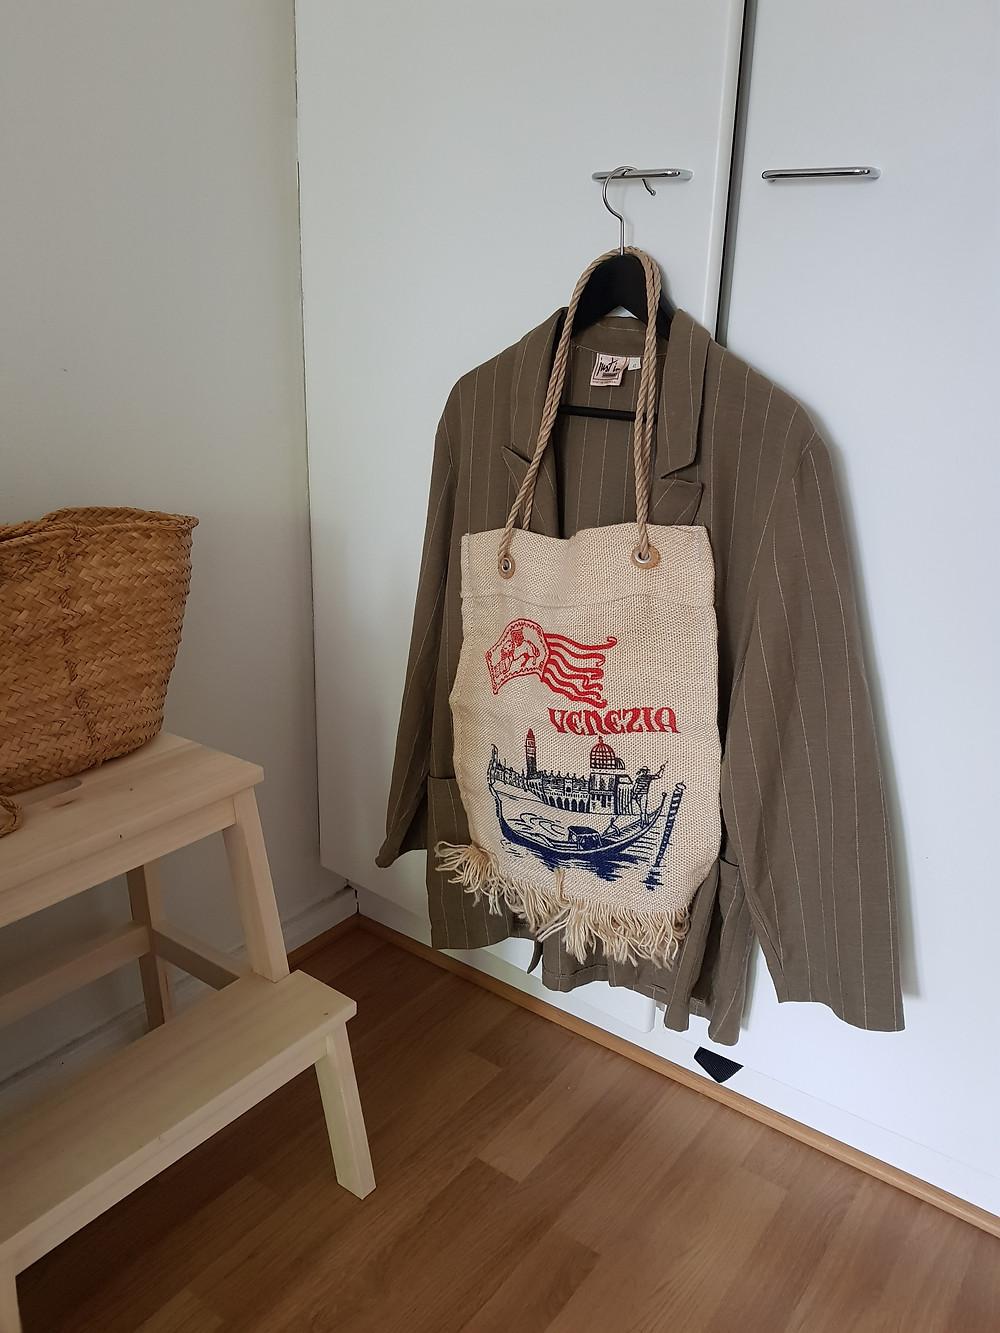 Kuva on otettu asuntoni nurkasta, jossa on puinen jakkara ja sen päällä korilaukku sekä vaatekaapin kahvasta roikkuva vihreä pellavableiseri ja Venetsia-teemainen laukku.